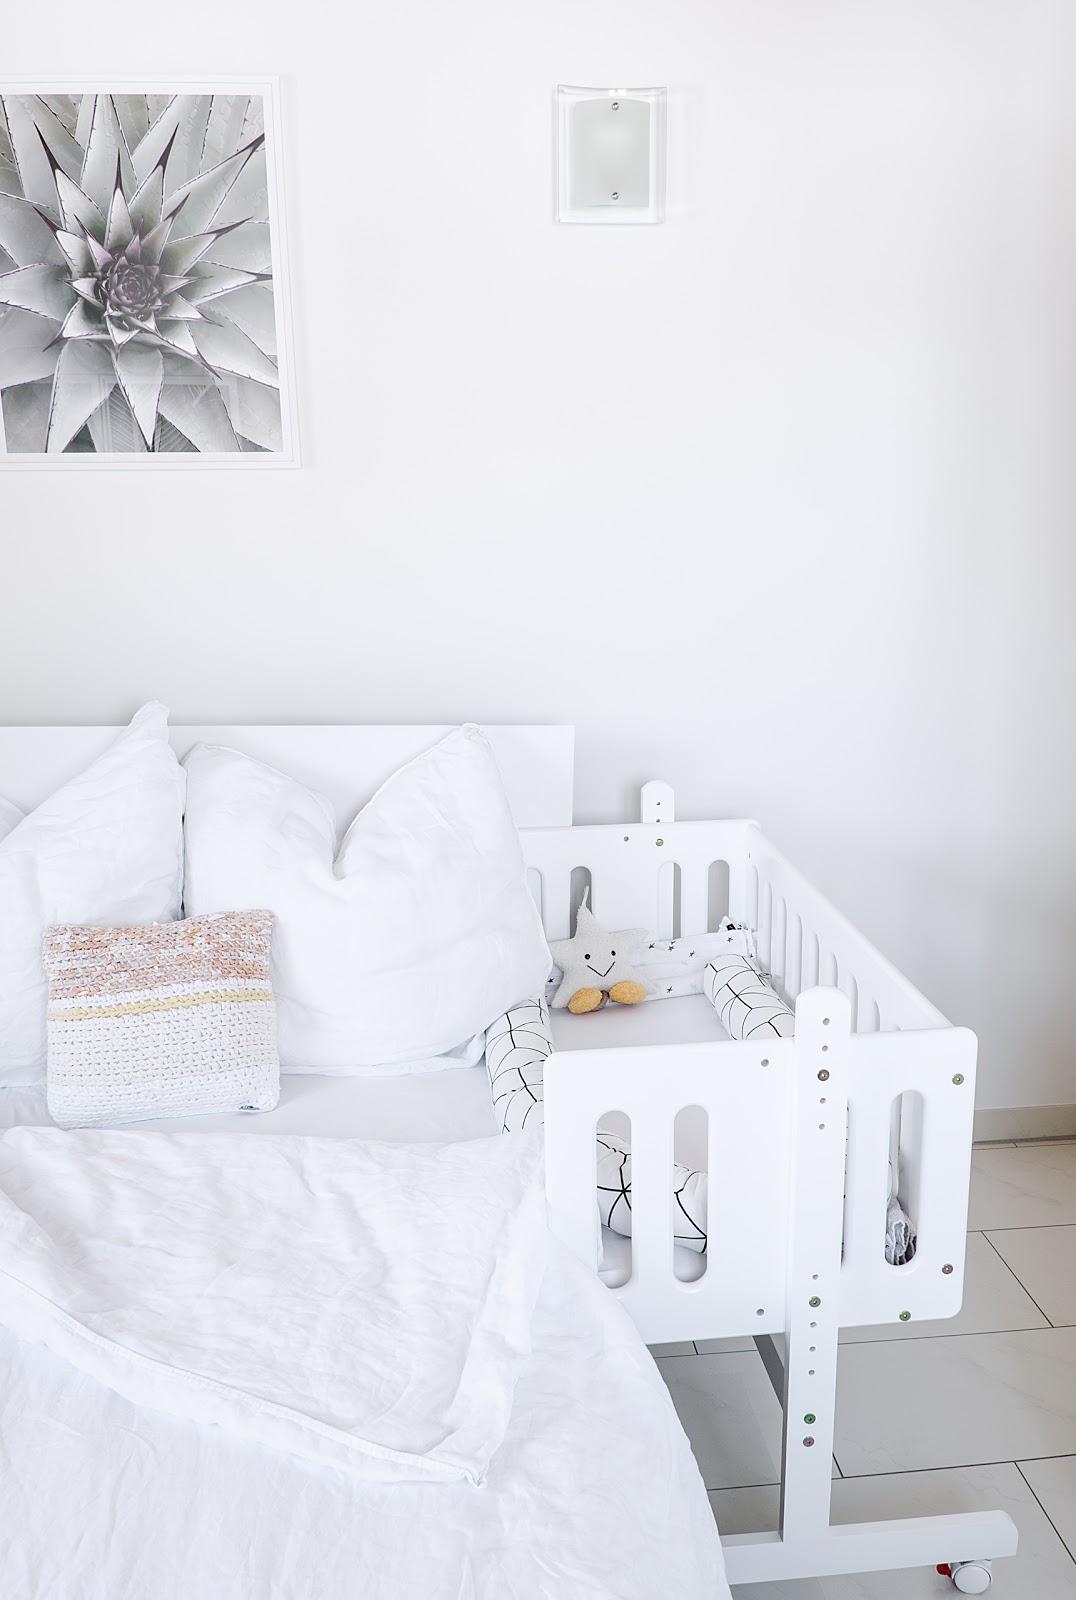 wiesoeigentlichnicht achtet bei beistellbetten auf schimmel. Black Bedroom Furniture Sets. Home Design Ideas